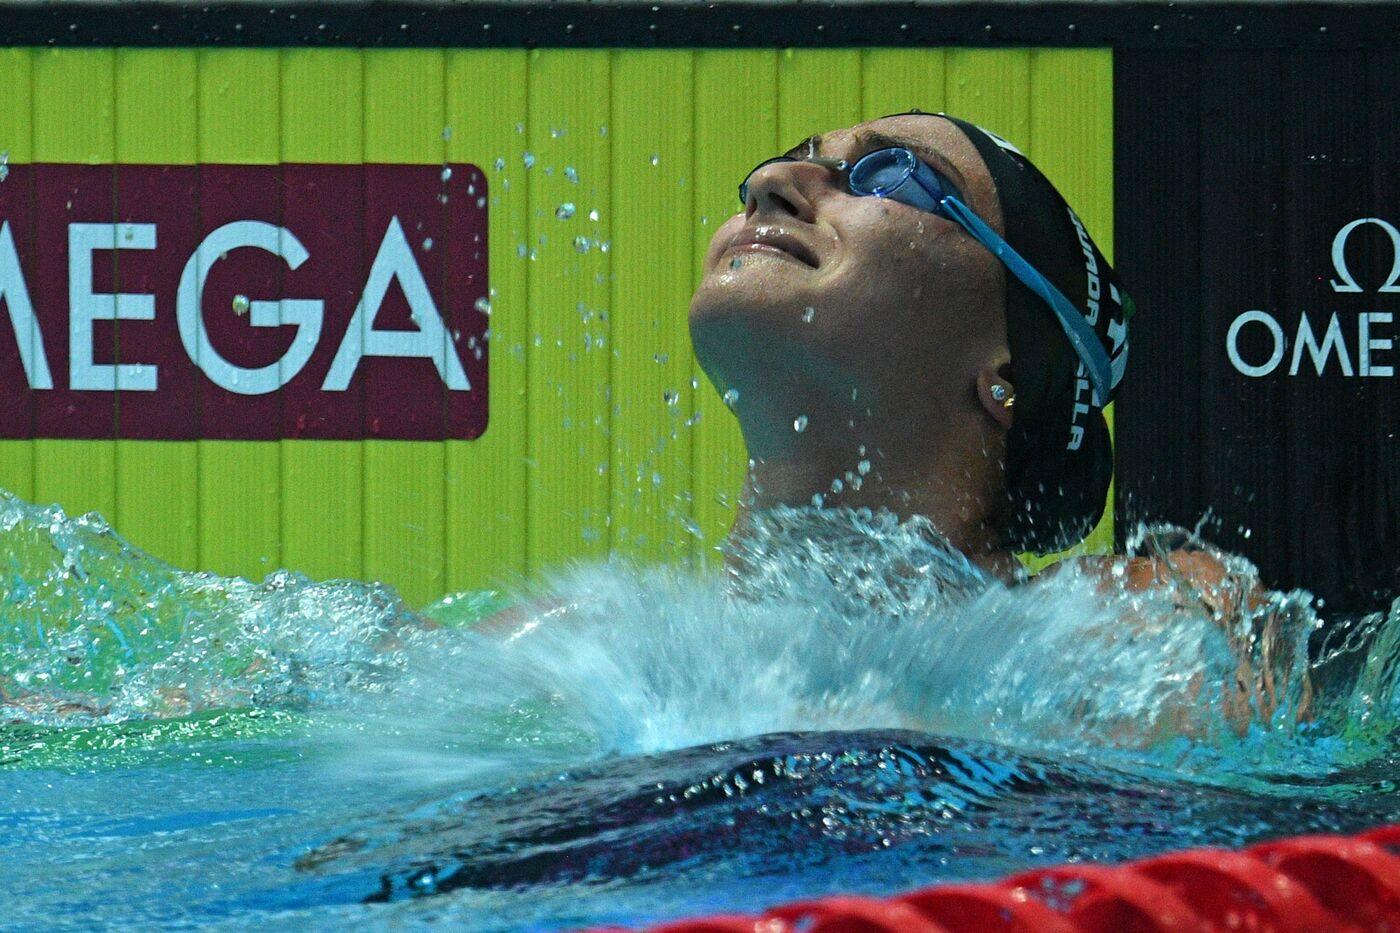 LIVE Nuoto, Europei 2021 in DIRETTA: Castiglioni e Carraro stellari, Pilato out nei 100 rana. Bene Miressi, si sogna con la 4×200 mista